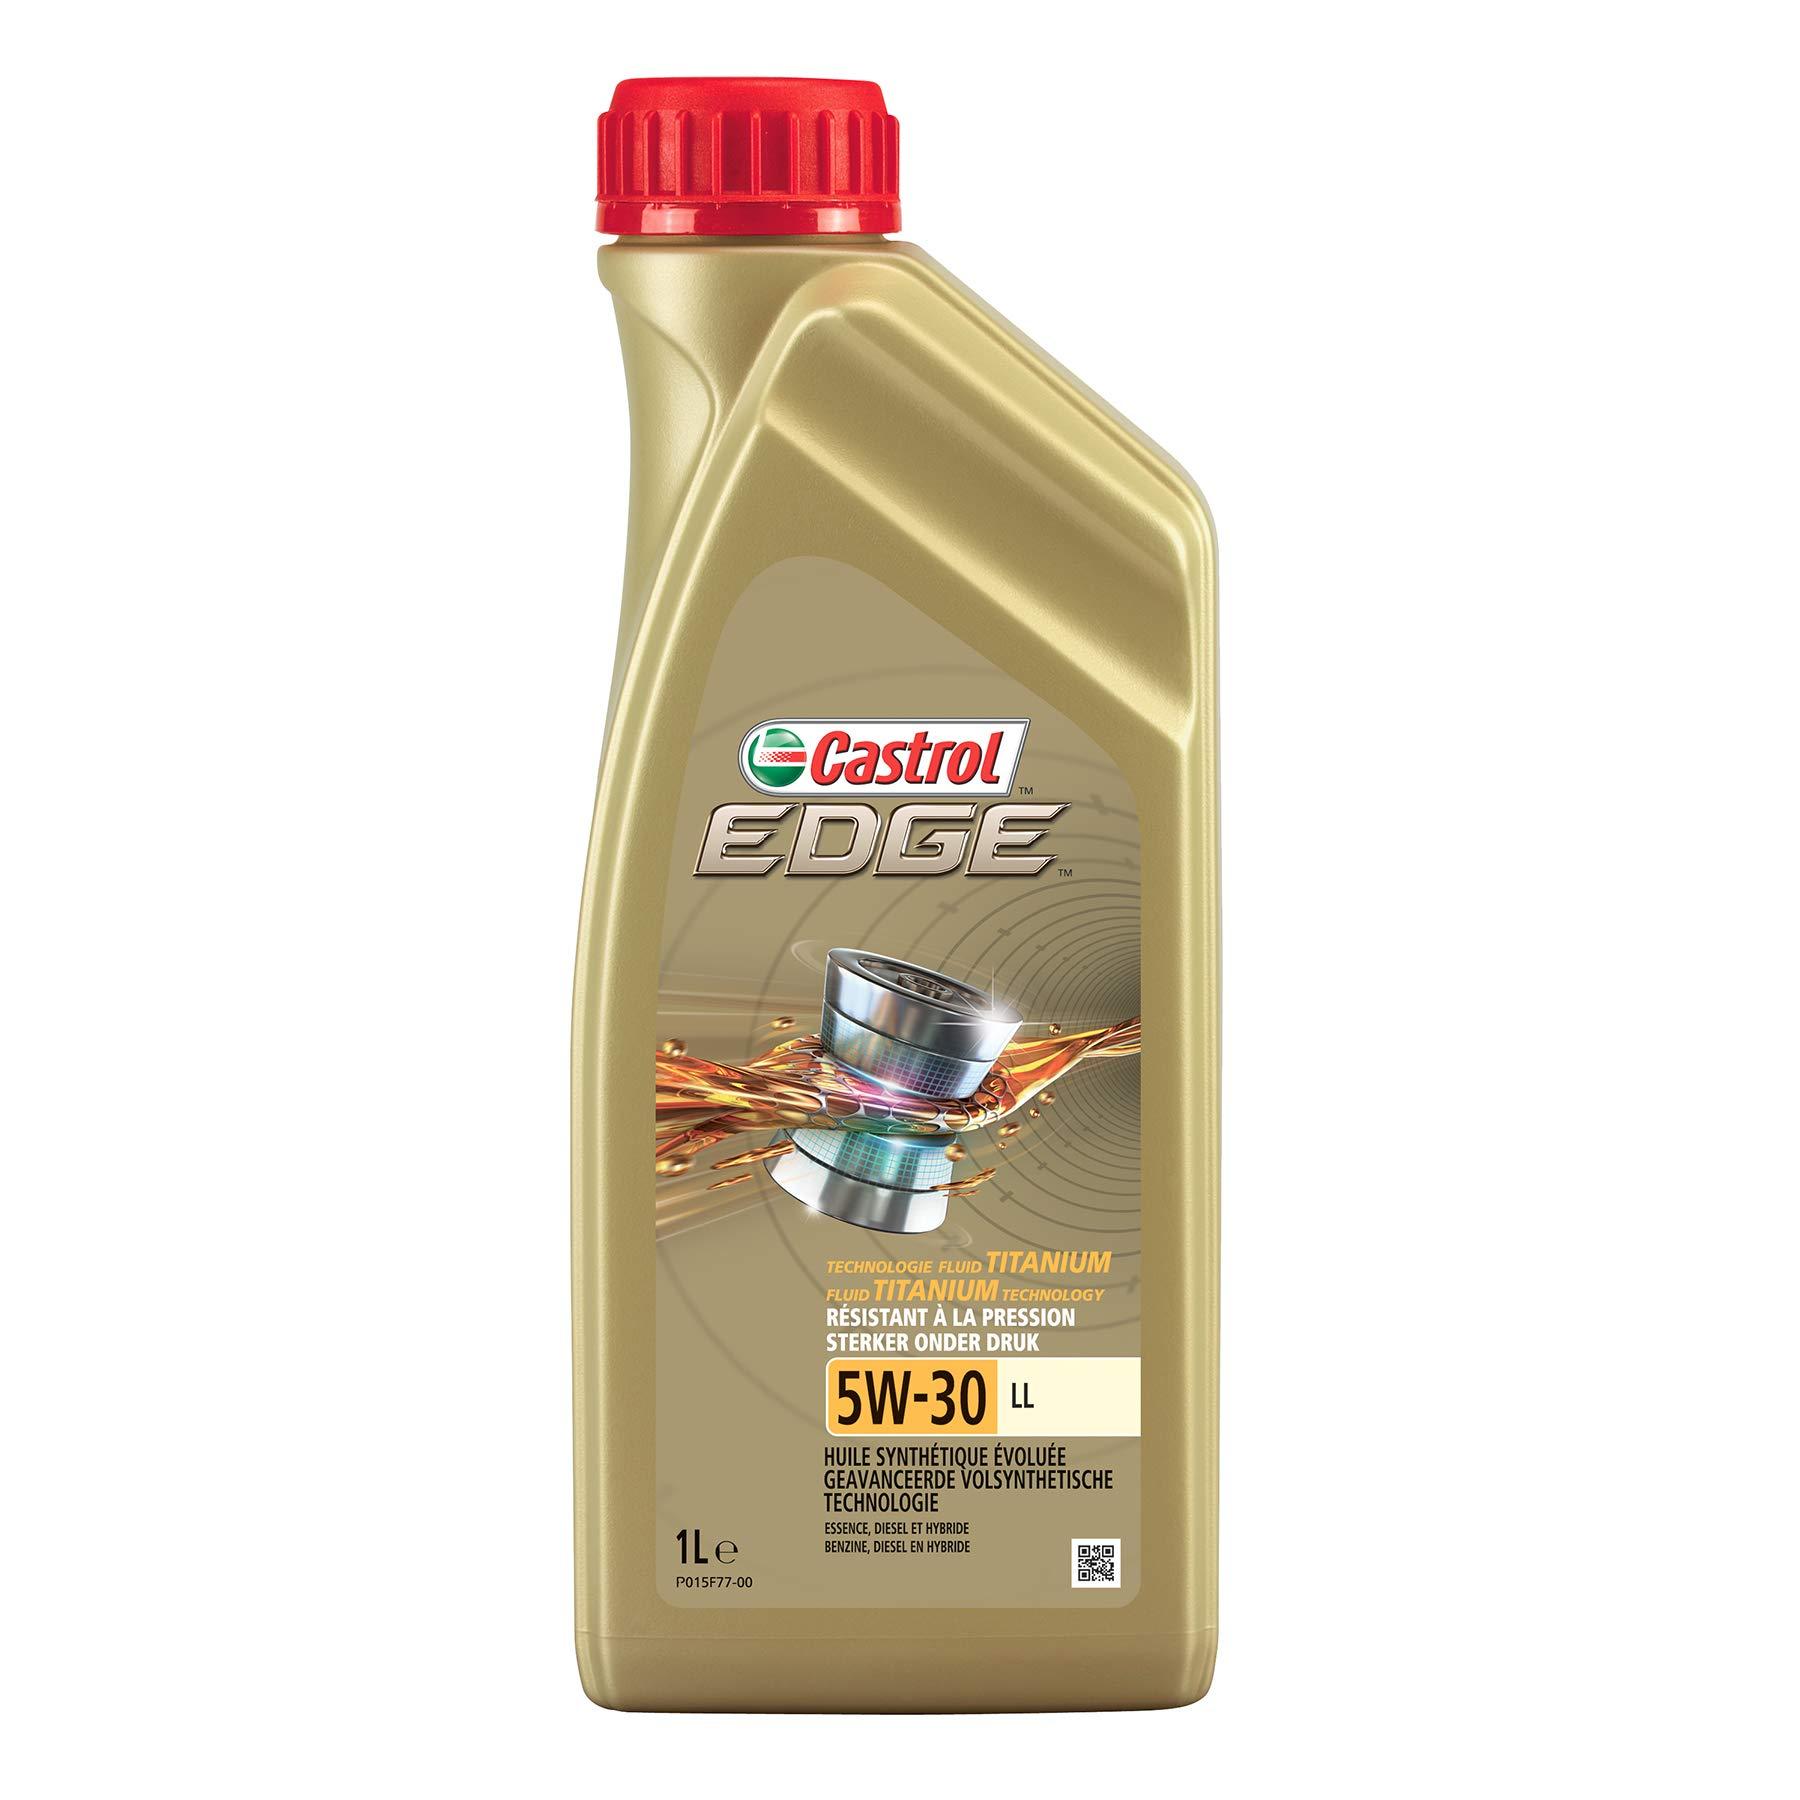 Castrol Edge 5W-30LL Engine Oil